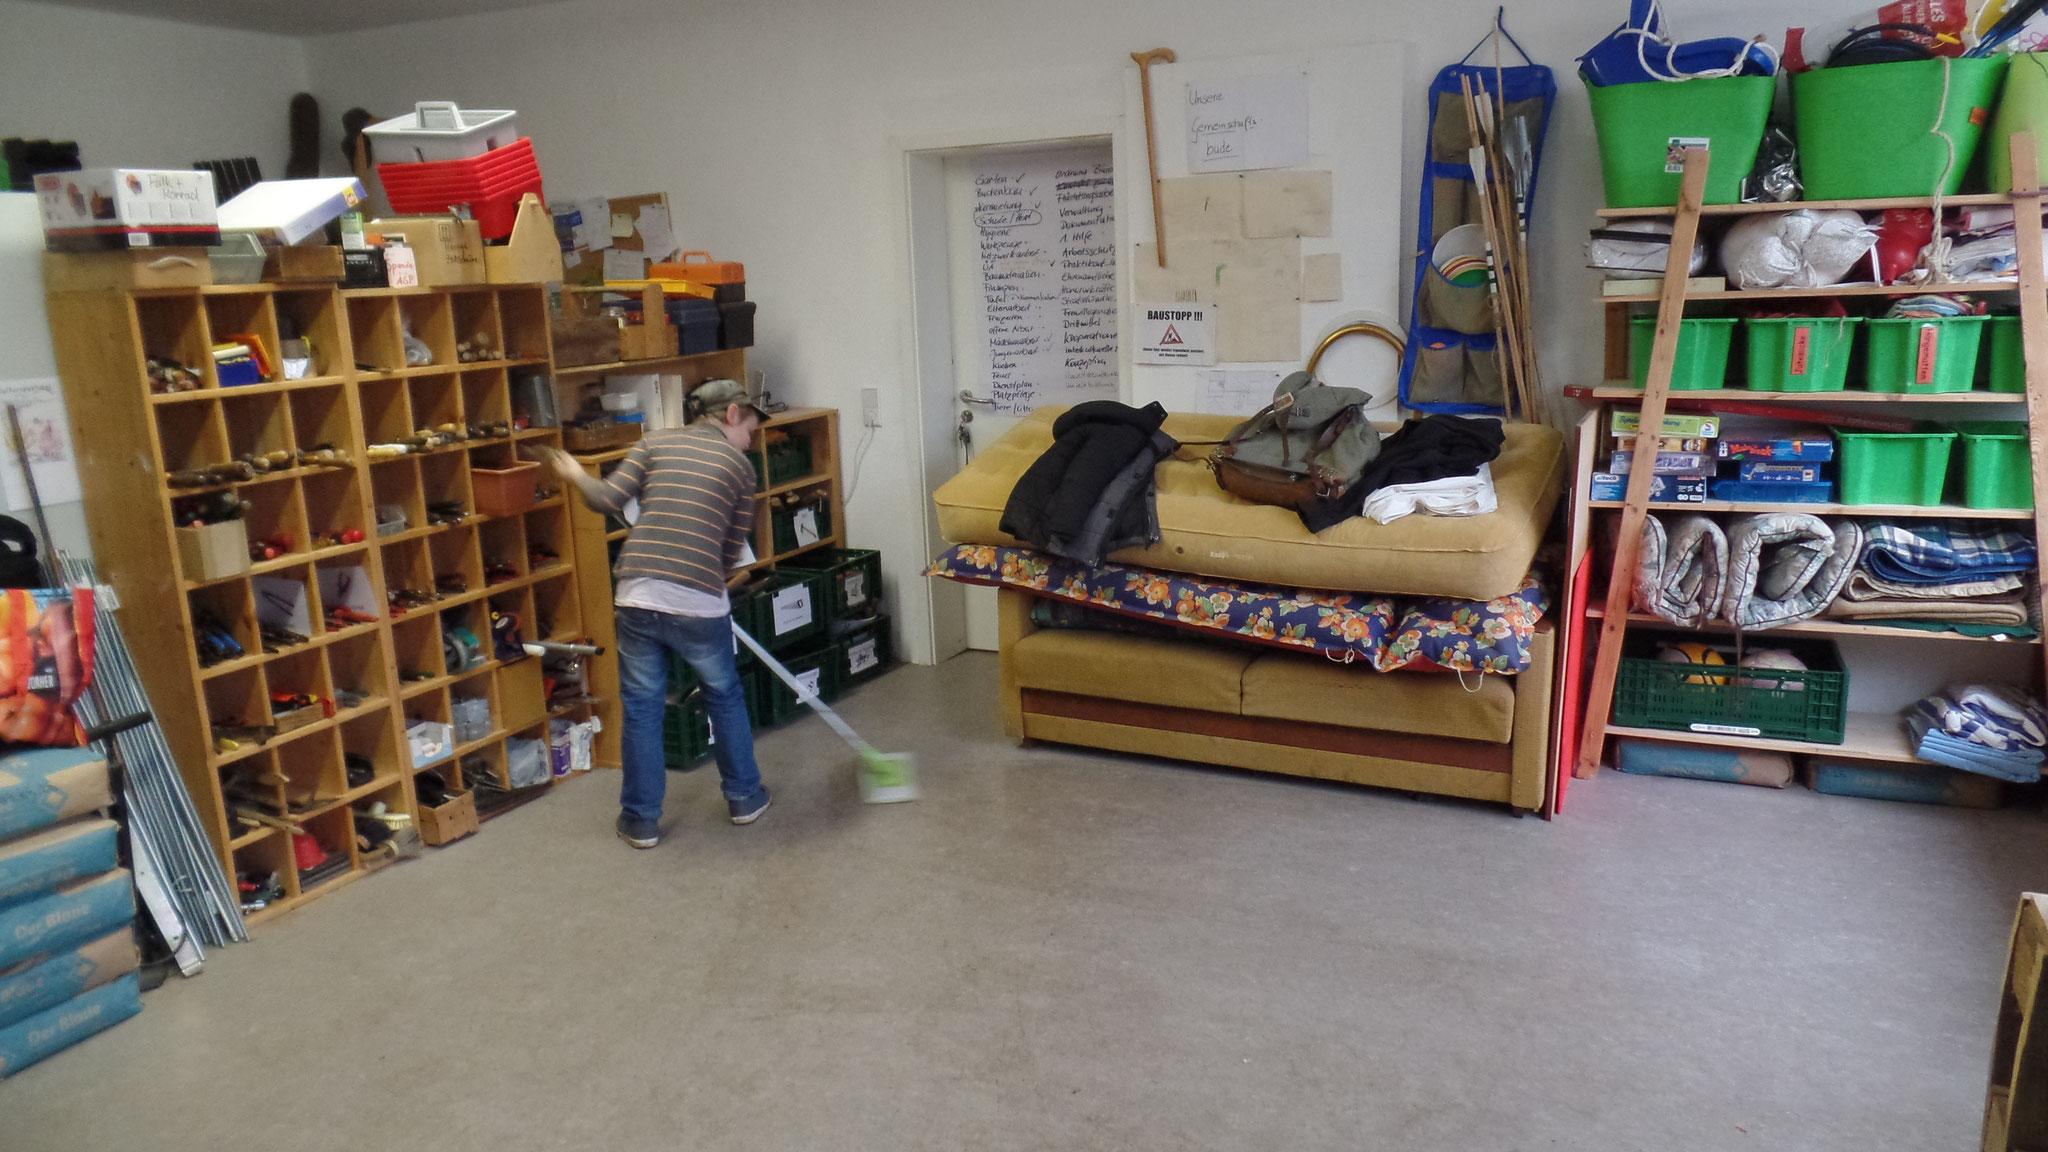 Bevor es losgehen konnte, haben wir unseren Raum erst einmal auf Vordermann gebracht. Maxi ist dabei mit gutem Beispiel voran gegangen!